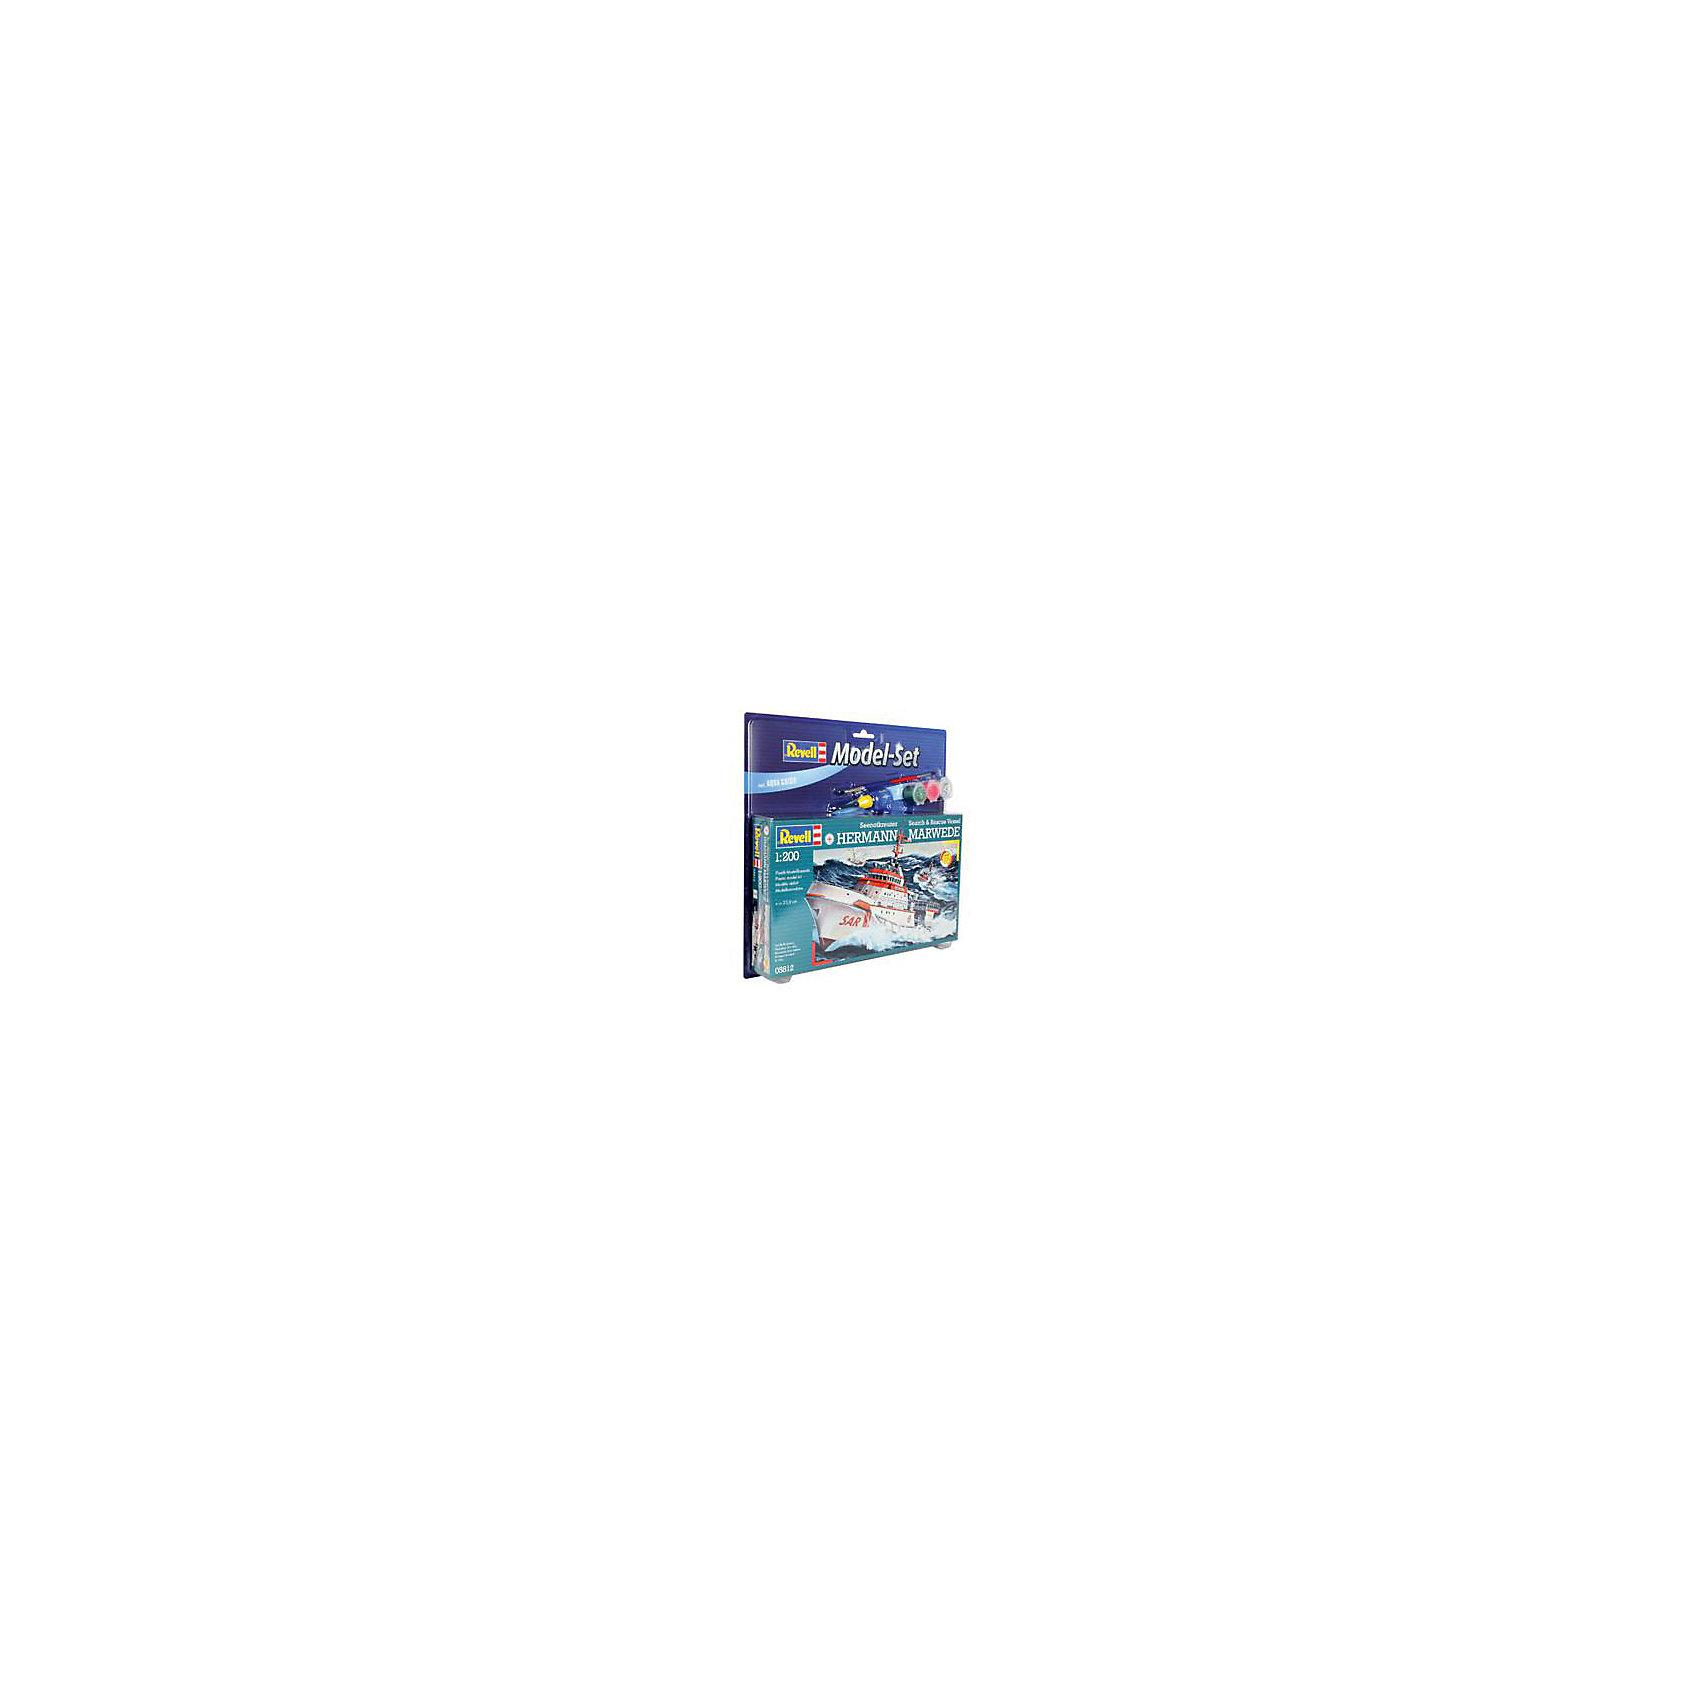 Катер спасательный Hermann Marwede, RevellСборные модели транспорта<br>Катер спасательный Hermann Marwede, Revell (Ревелл) – эта максимально детализированная модель станет украшением комнаты и дополнением коллекции.<br>Сборная модель спасательного катера Hermann Marwede немецкой организации DGzRS позволит вам и вашему ребенку собрать уменьшенную копию самого большого в истории Германии спасательного судна. С момента своего образования в 1865 году, члены спасательной службы DGzRS помогли более 76 000 людям, попавшим в опасные ситуации. Модель состоит из 78 деталей, которые необходимо собрать, склеить и покрыть краской в соответствии с инструкцией. В наборе также прилагаются клей в удобной упаковке, краски и кисточка. Модель тщательно проработана. Разработанная для детей от 10 лет, сборная модель спасательного катера Hermann Marwede, определённо, принесёт массу положительных эмоций и взрослым любителям моделирования. Моделирование считается одним из наиболее полезных хобби, ведь оно развивает интеллектуальные и инструментальные способности, воображение и конструктивное мышление. Прививает практические навыки работы со схемами и чертежами.<br><br>Дополнительная информация:<br><br>- Возраст: для детей старше 10-и лет<br>- В наборе: комплект пластиковых деталей для сборки модели, базовые акриловые краски, клей, кисточка, инструкция<br>- Количество деталей: 78 шт.<br>- Масштаб модели: 1:200<br>- Длина модели: 230 мм.<br>- Уровень сложности: 3 (из 5)<br>- Дополнительно потребуются: кусачки, для того чтобы отделить детали с литников<br>- Краски из набора можно разбавлять обычной водой или фирменным растворителем Revell (Ревелл)<br><br>Модель Катера спасательного Hermann Marwede, Revell (Ревелл) можно купить в нашем интернет-магазине.<br><br>Ширина мм: 330<br>Глубина мм: 315<br>Высота мм: 50<br>Вес г: 800<br>Возраст от месяцев: 96<br>Возраст до месяцев: 1188<br>Пол: Мужской<br>Возраст: Детский<br>SKU: 2412670